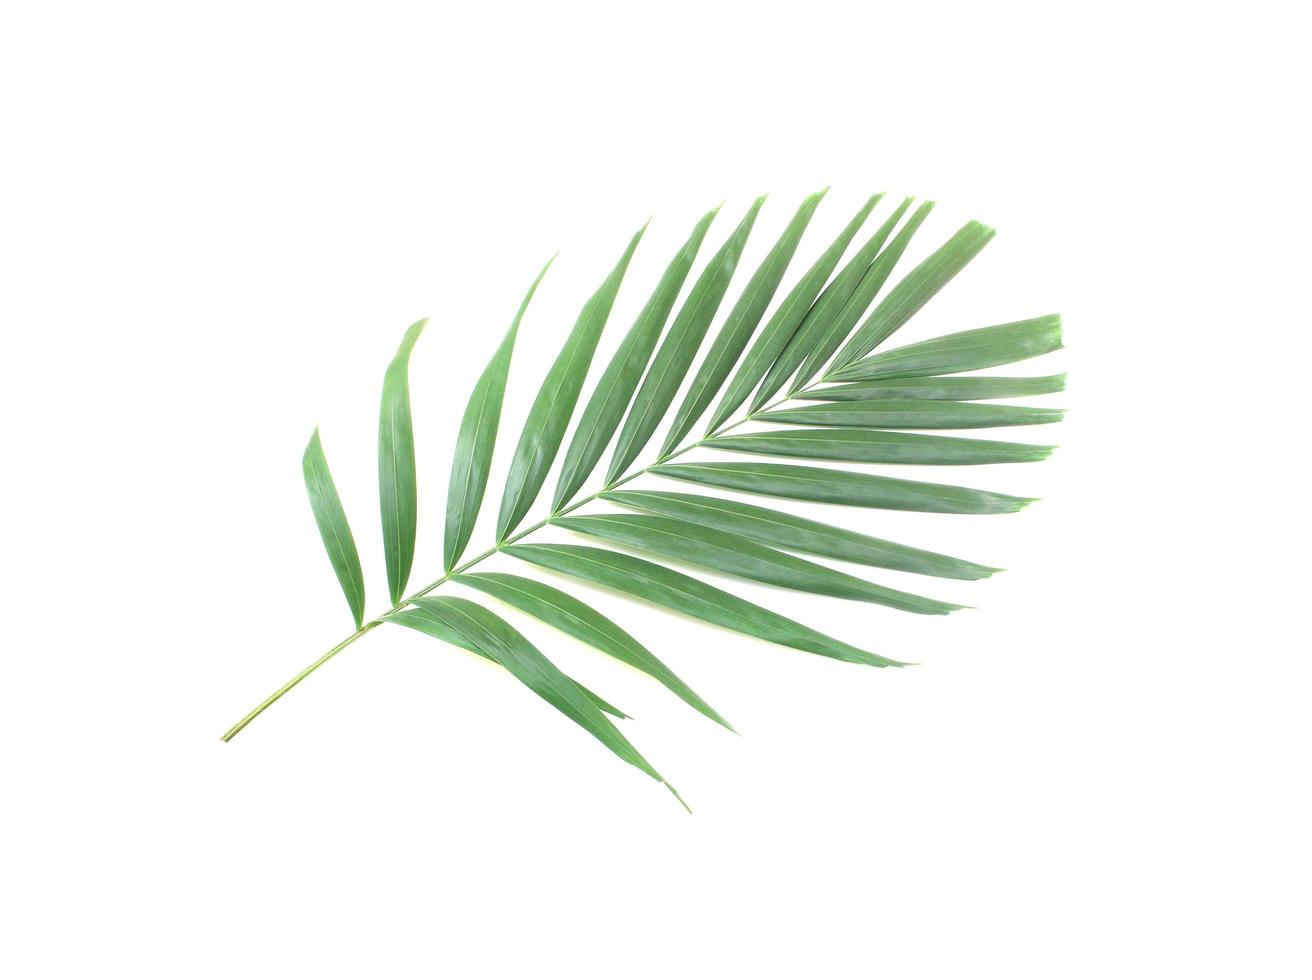 feuille de palmier vert isolé sur fond blanc photo